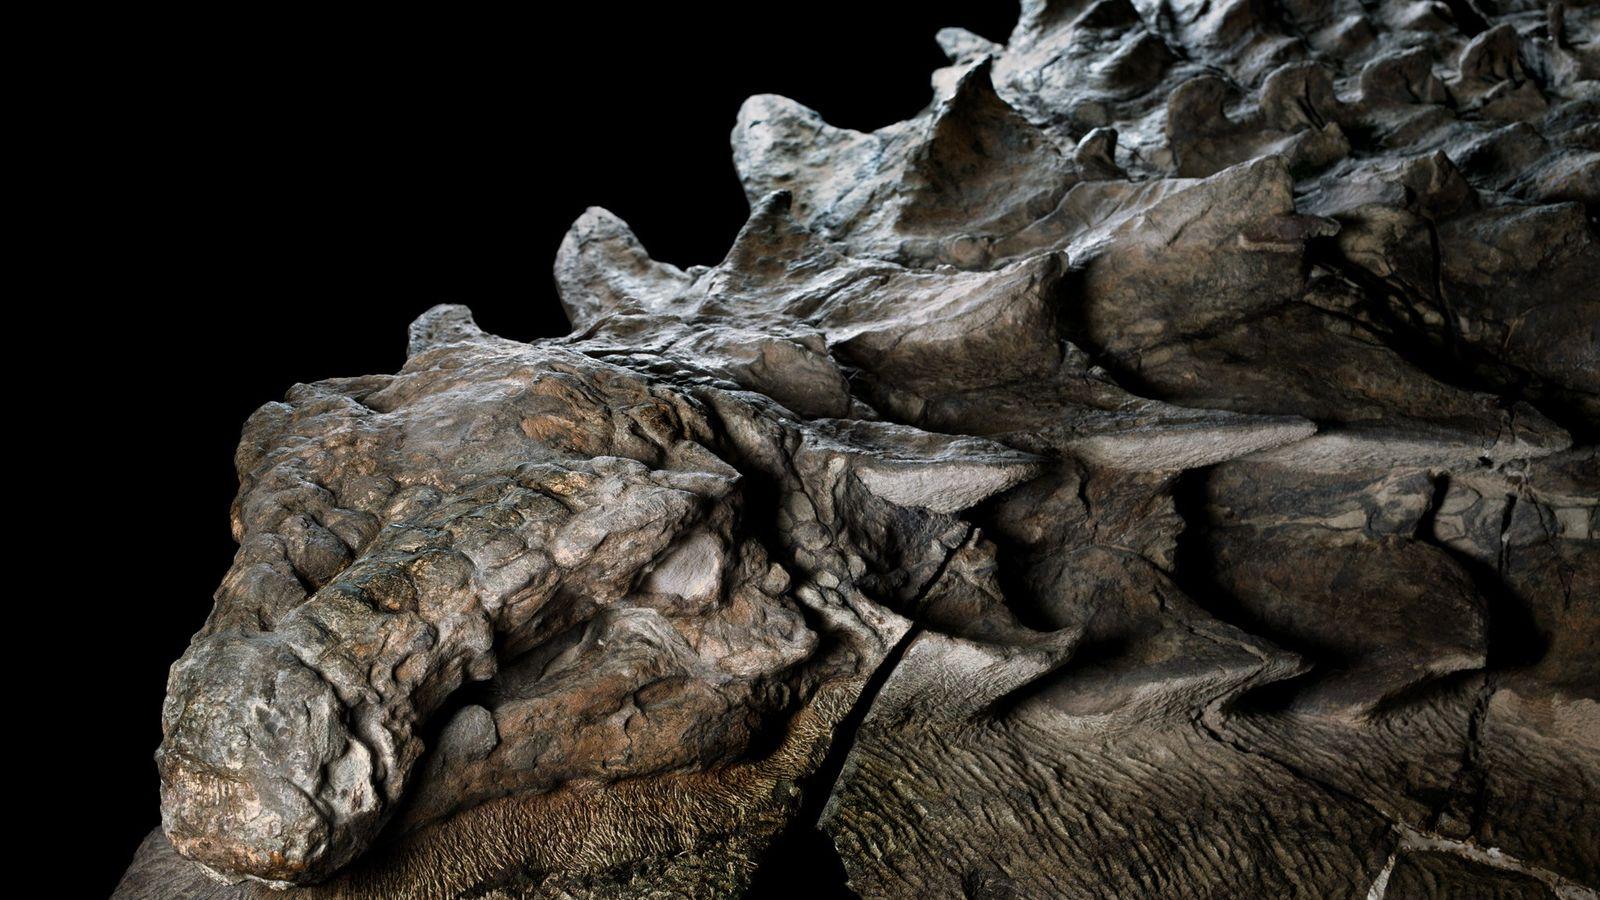 Descoberta sensacional de fossil de dinossauro